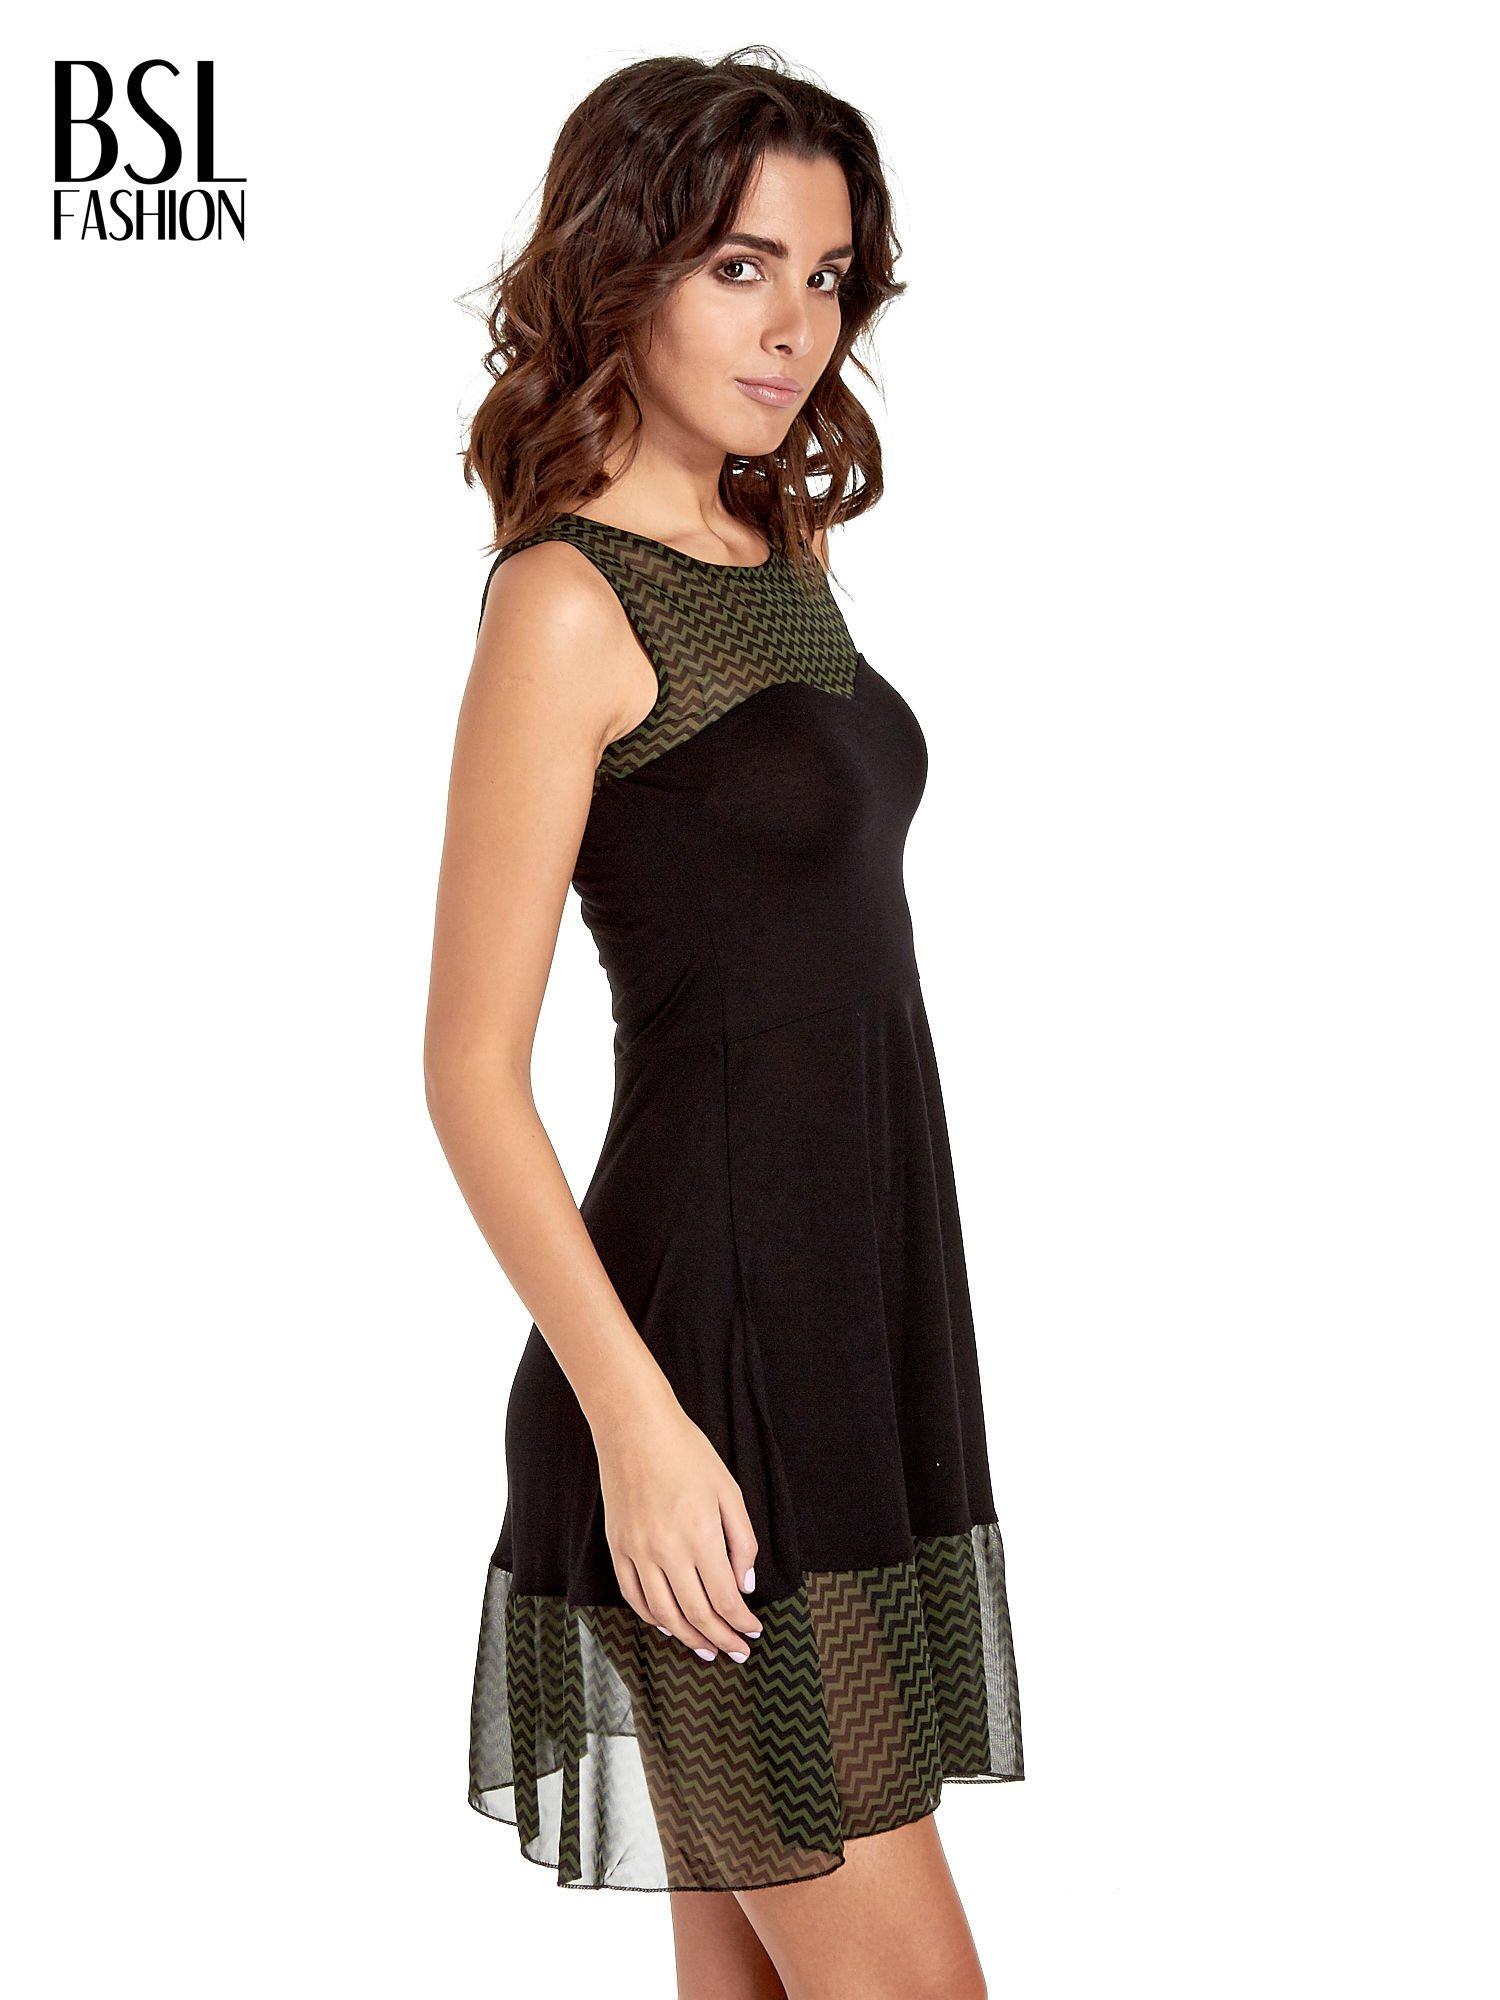 Czarna sukienka z zieloną wstawką na górze i falbaną                                  zdj.                                  3